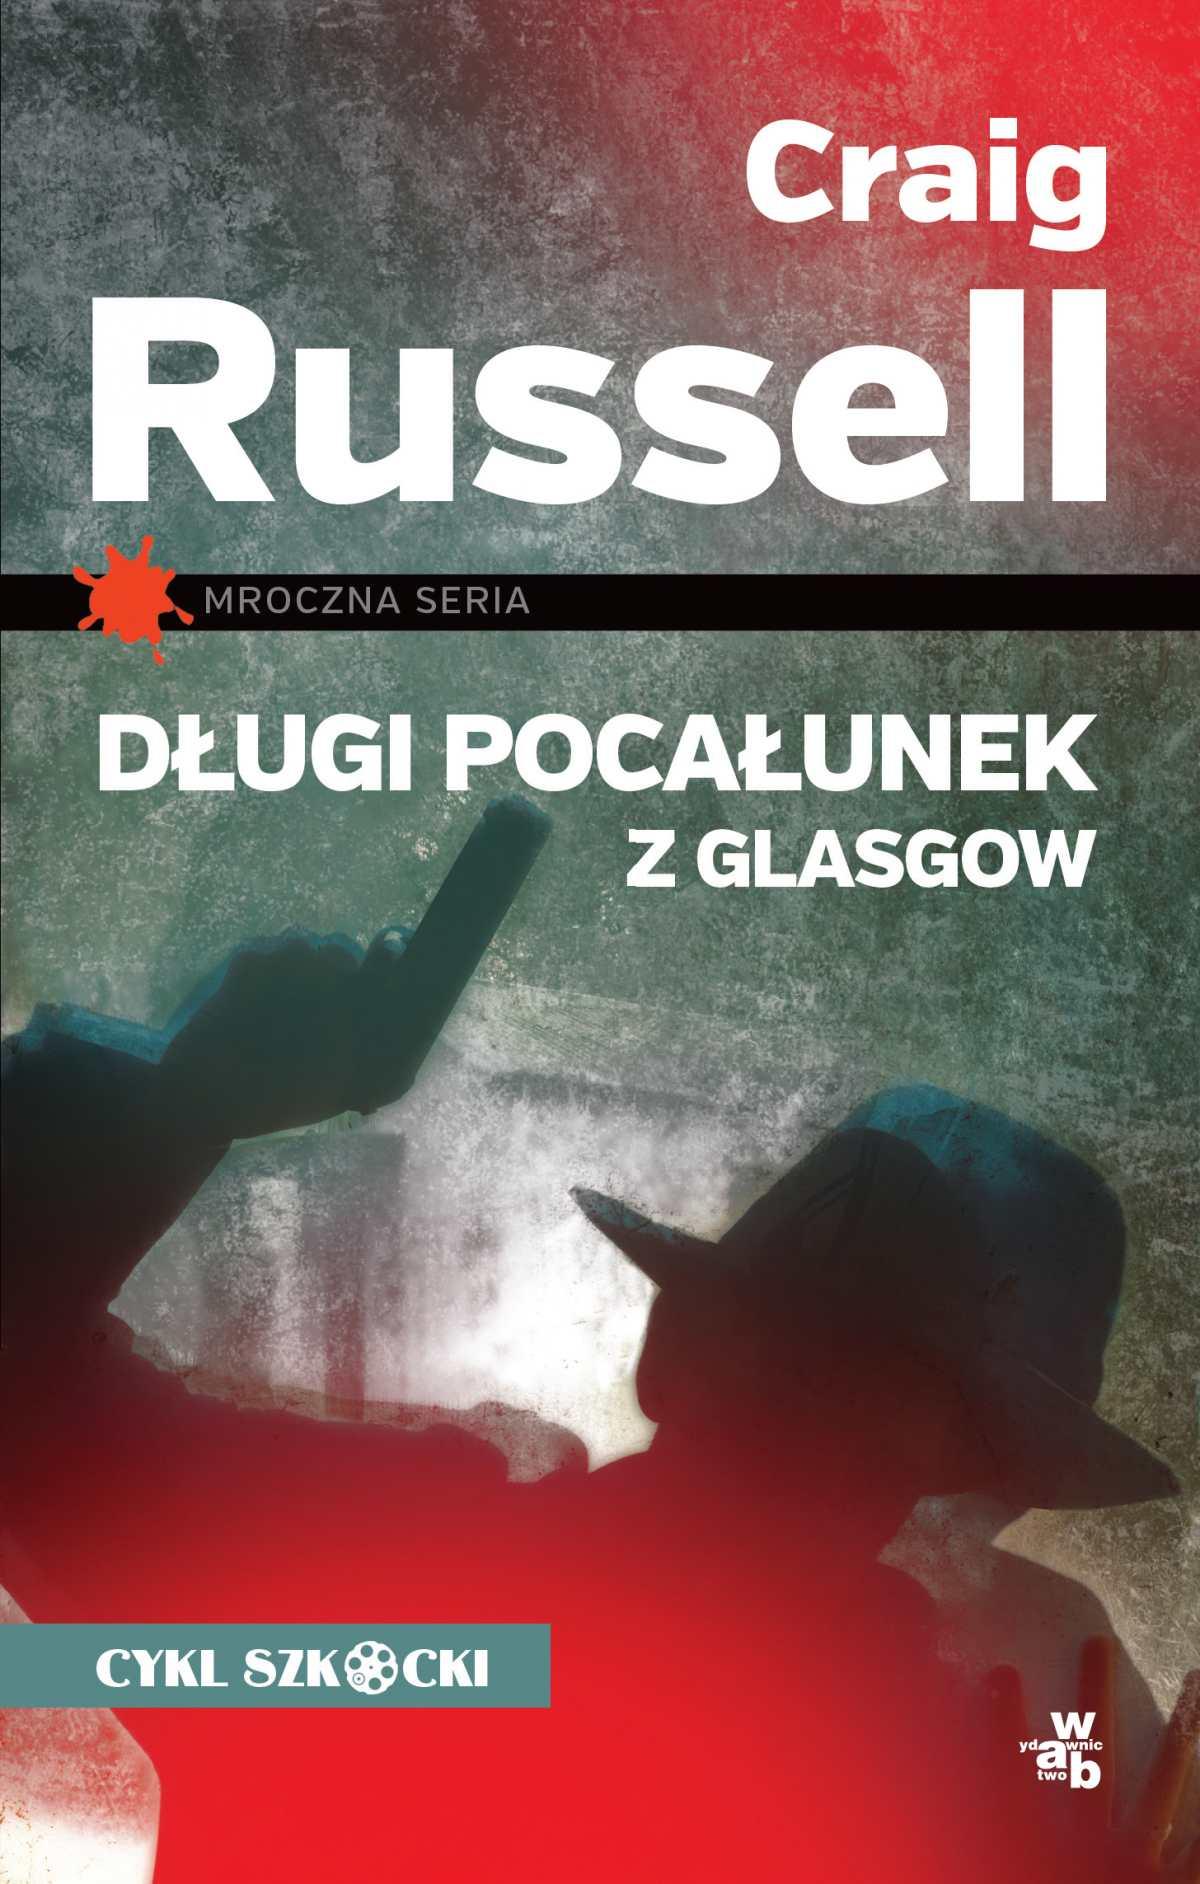 Długi pocałunek z Glasgow - Ebook (Książka EPUB) do pobrania w formacie EPUB